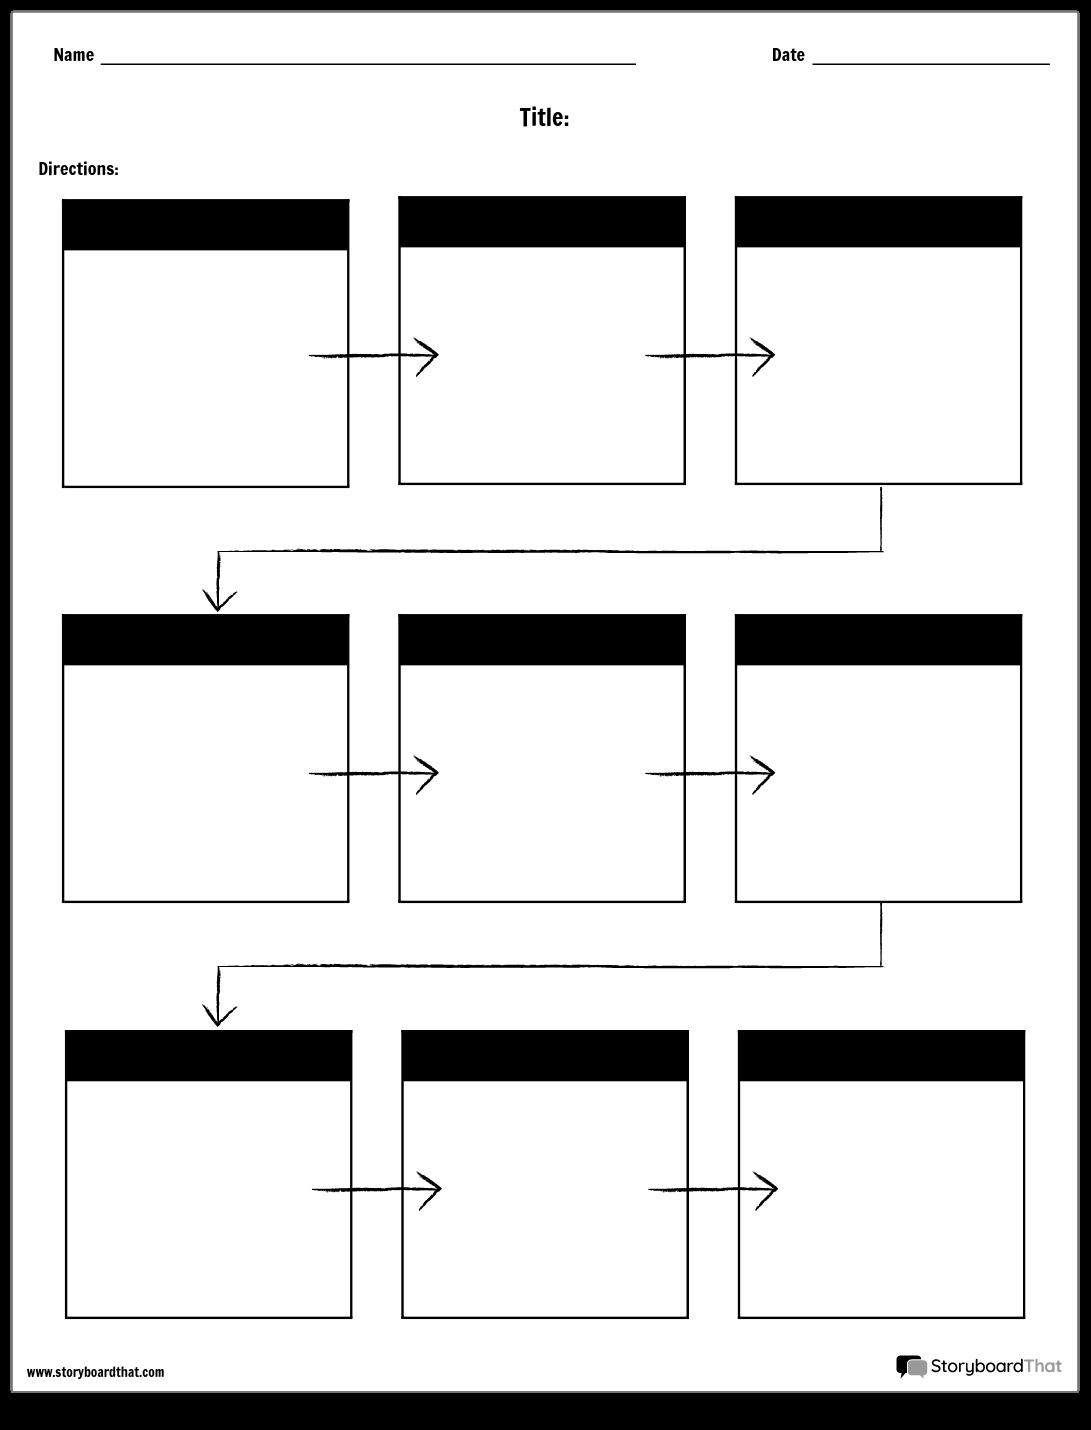 Crear Hojas de Trabajo de Diagrama de Flujo | Plantillas de Hoja de ...